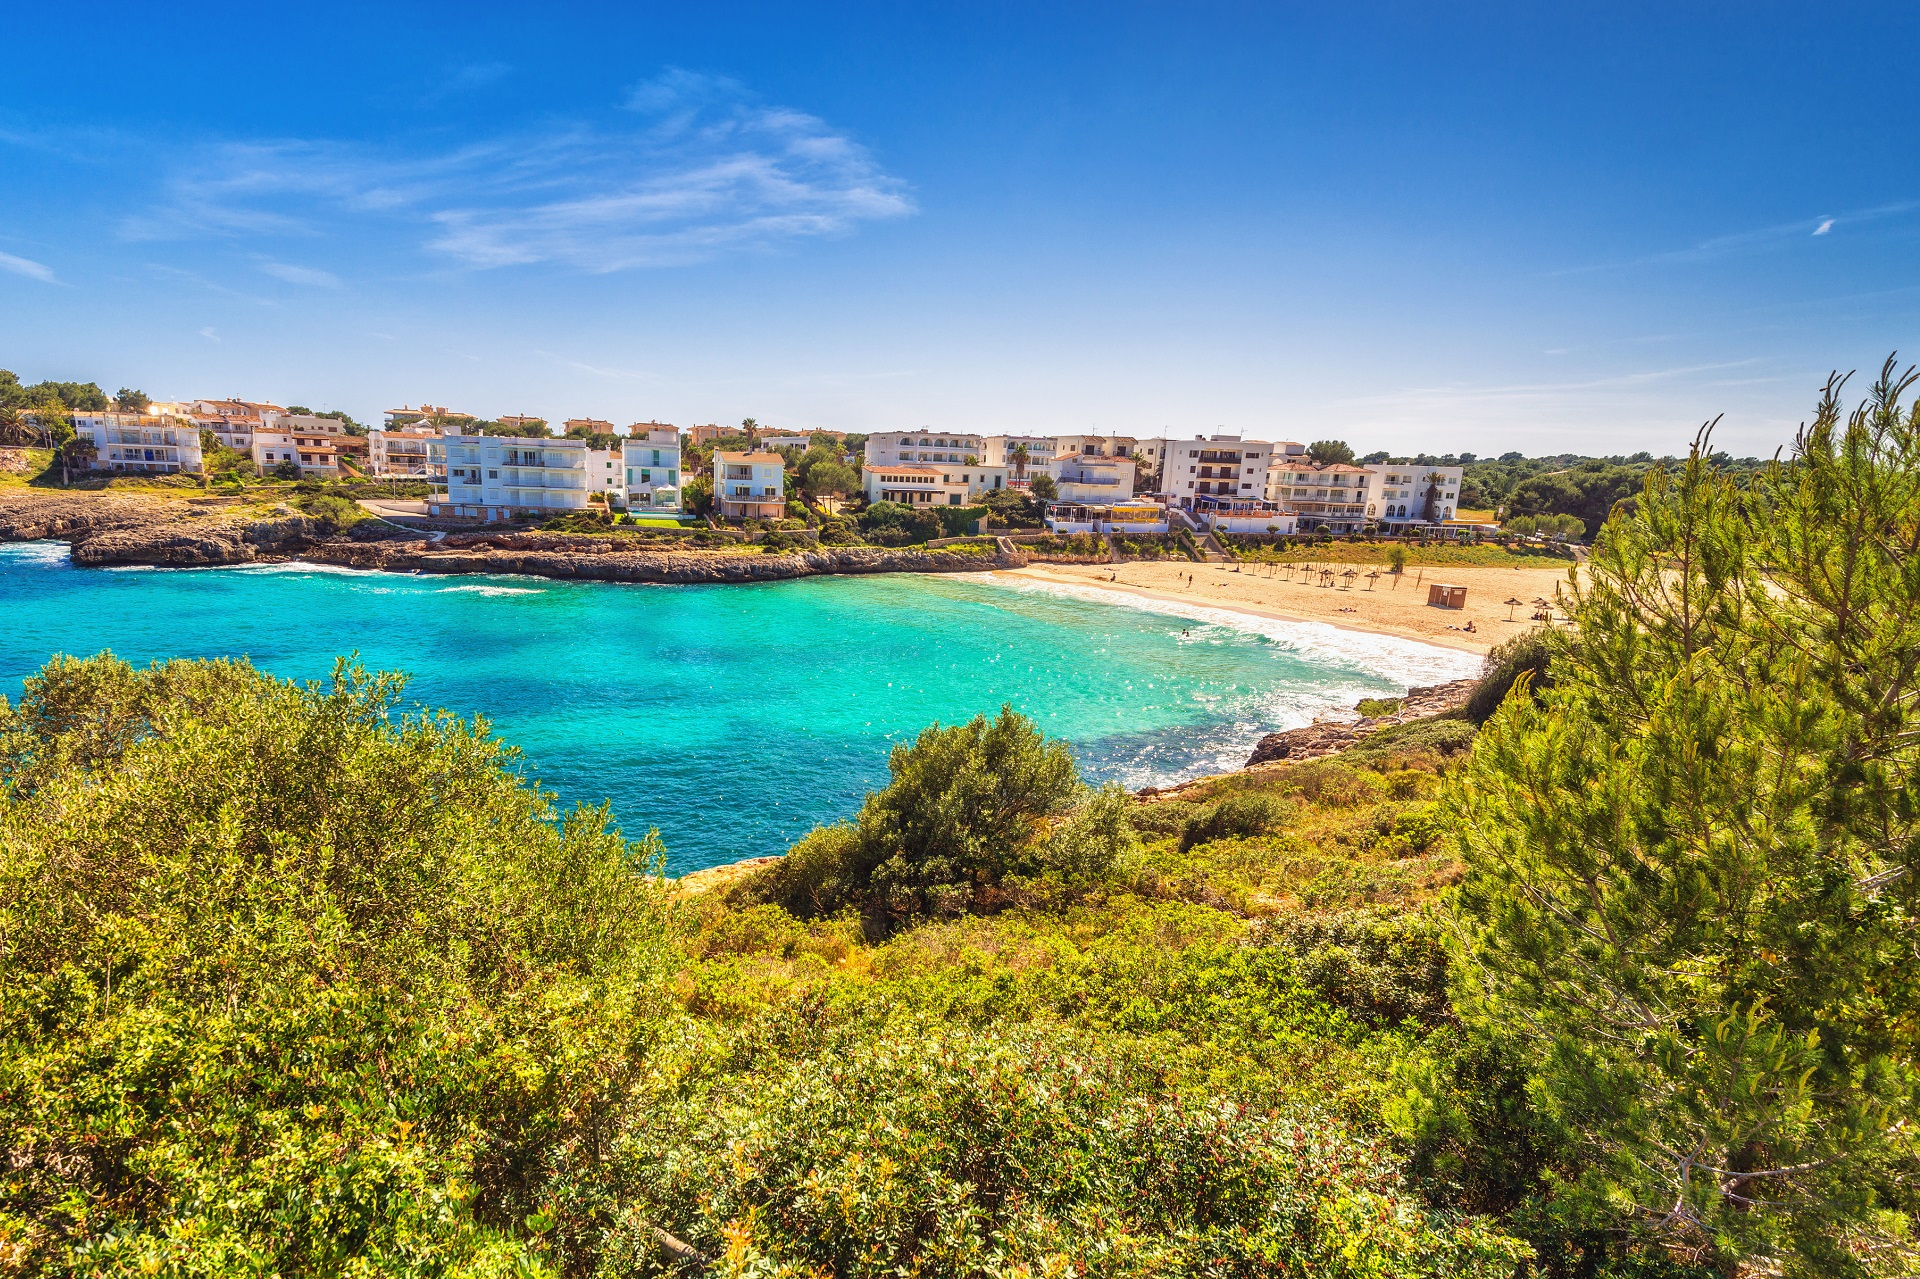 Porto Colom auf Mallorca - ein ursprüngliches Fischerdorf stellt sich vor